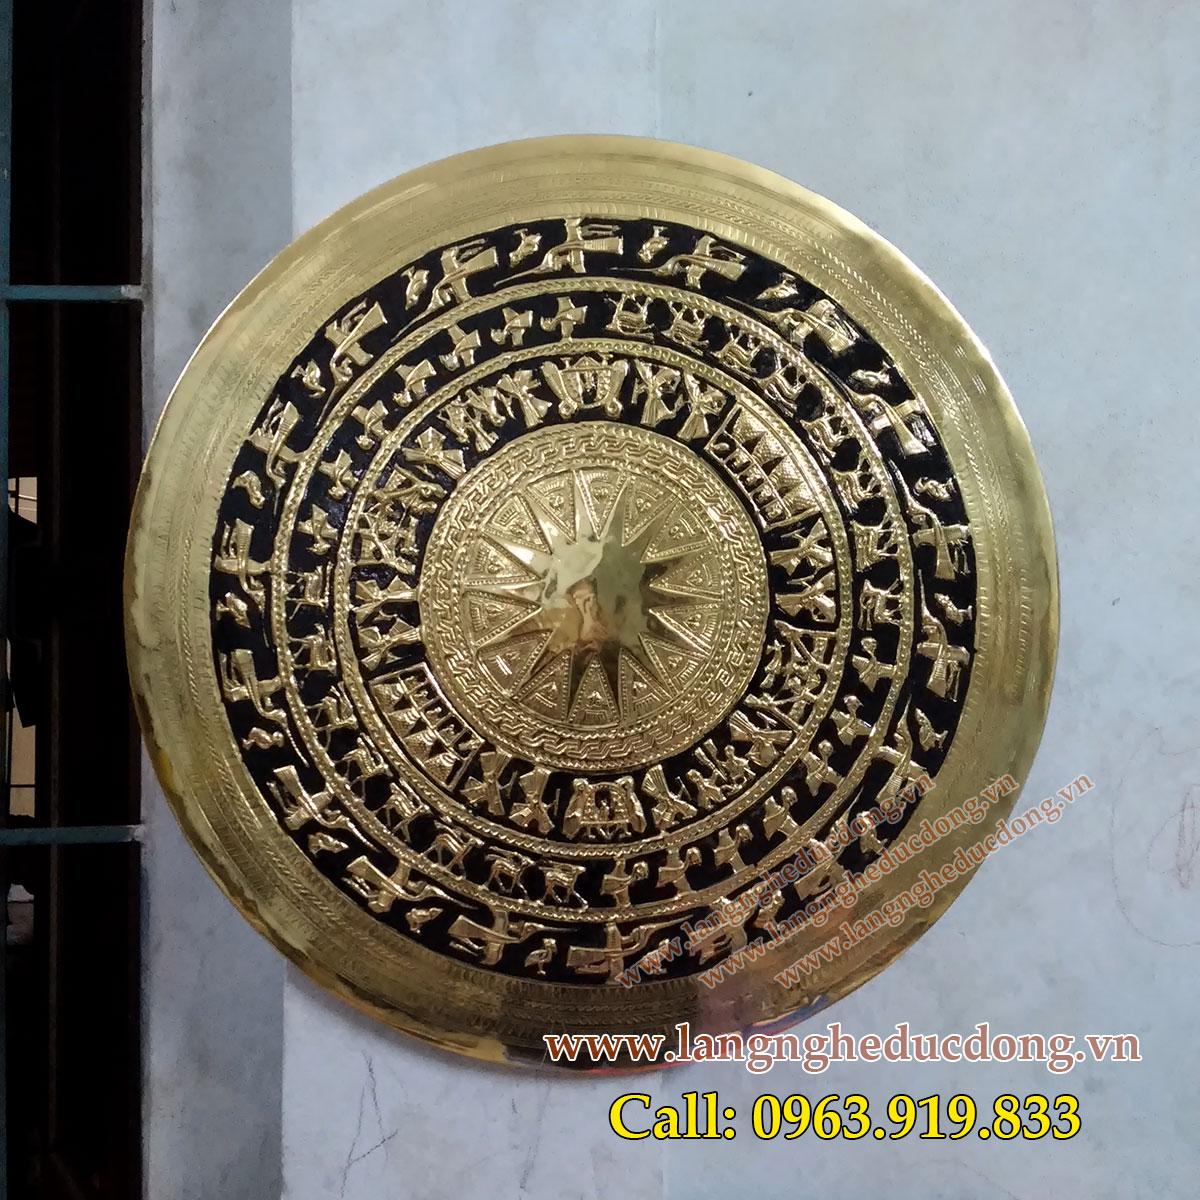 langnghedudong.vn - mặt trống đồng gò nổi, mặt trống đồng DK 60cm